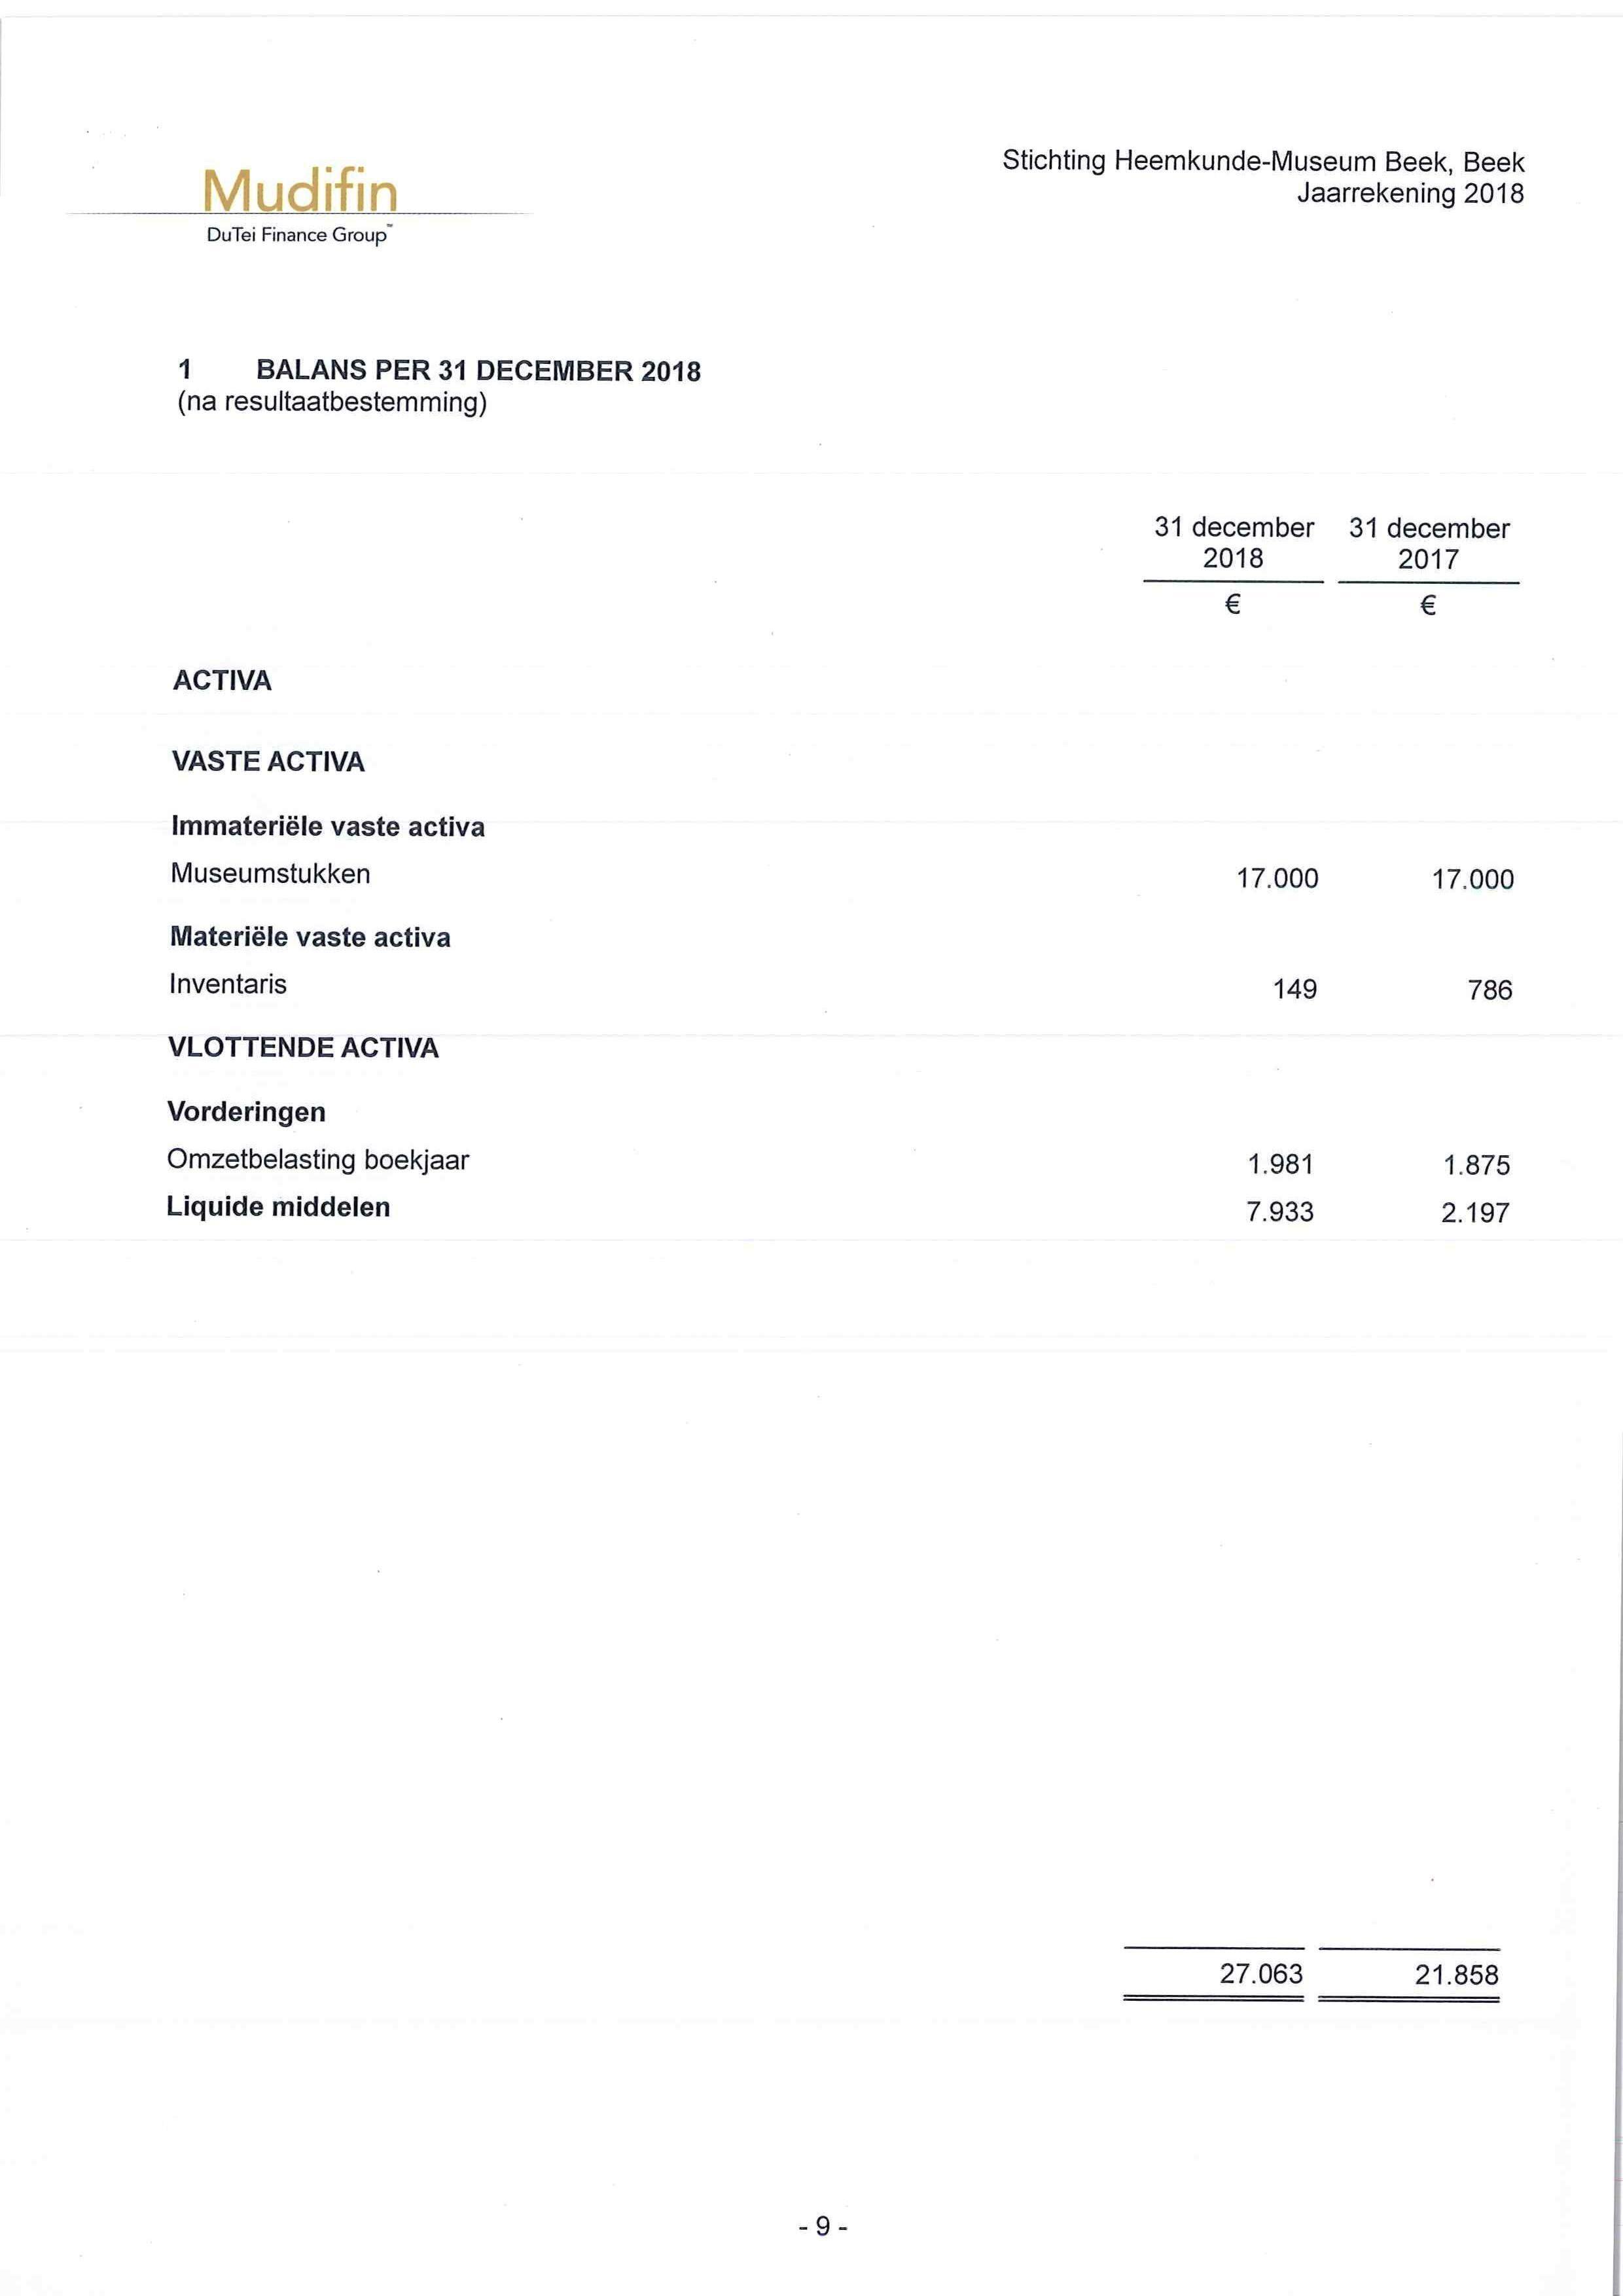 Jaarrekening-2018.page09.jpg - 249,59 kB